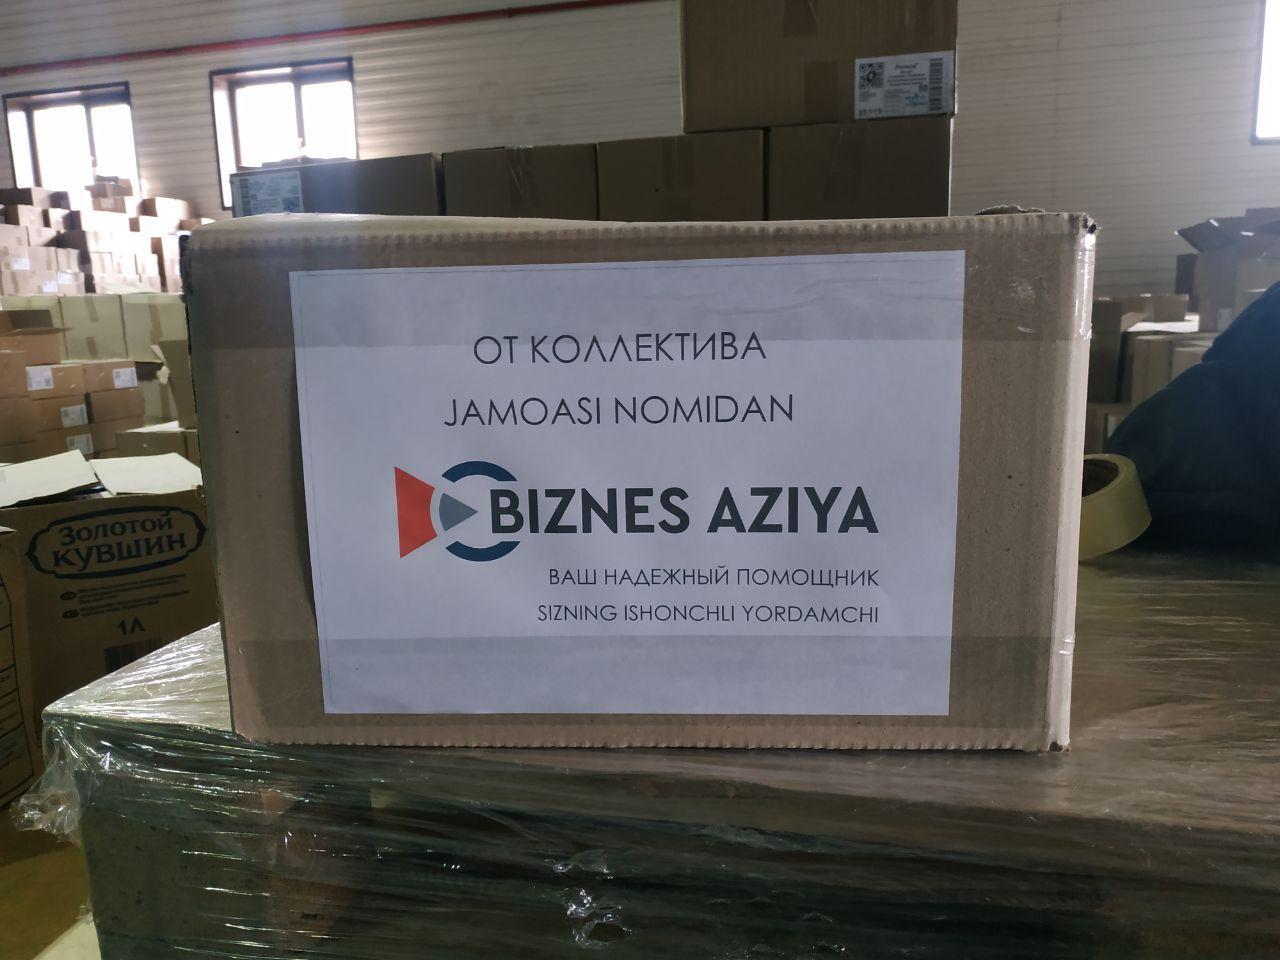 Biznes Aziya tashkiloti tomonidan xayriya aksiyasi